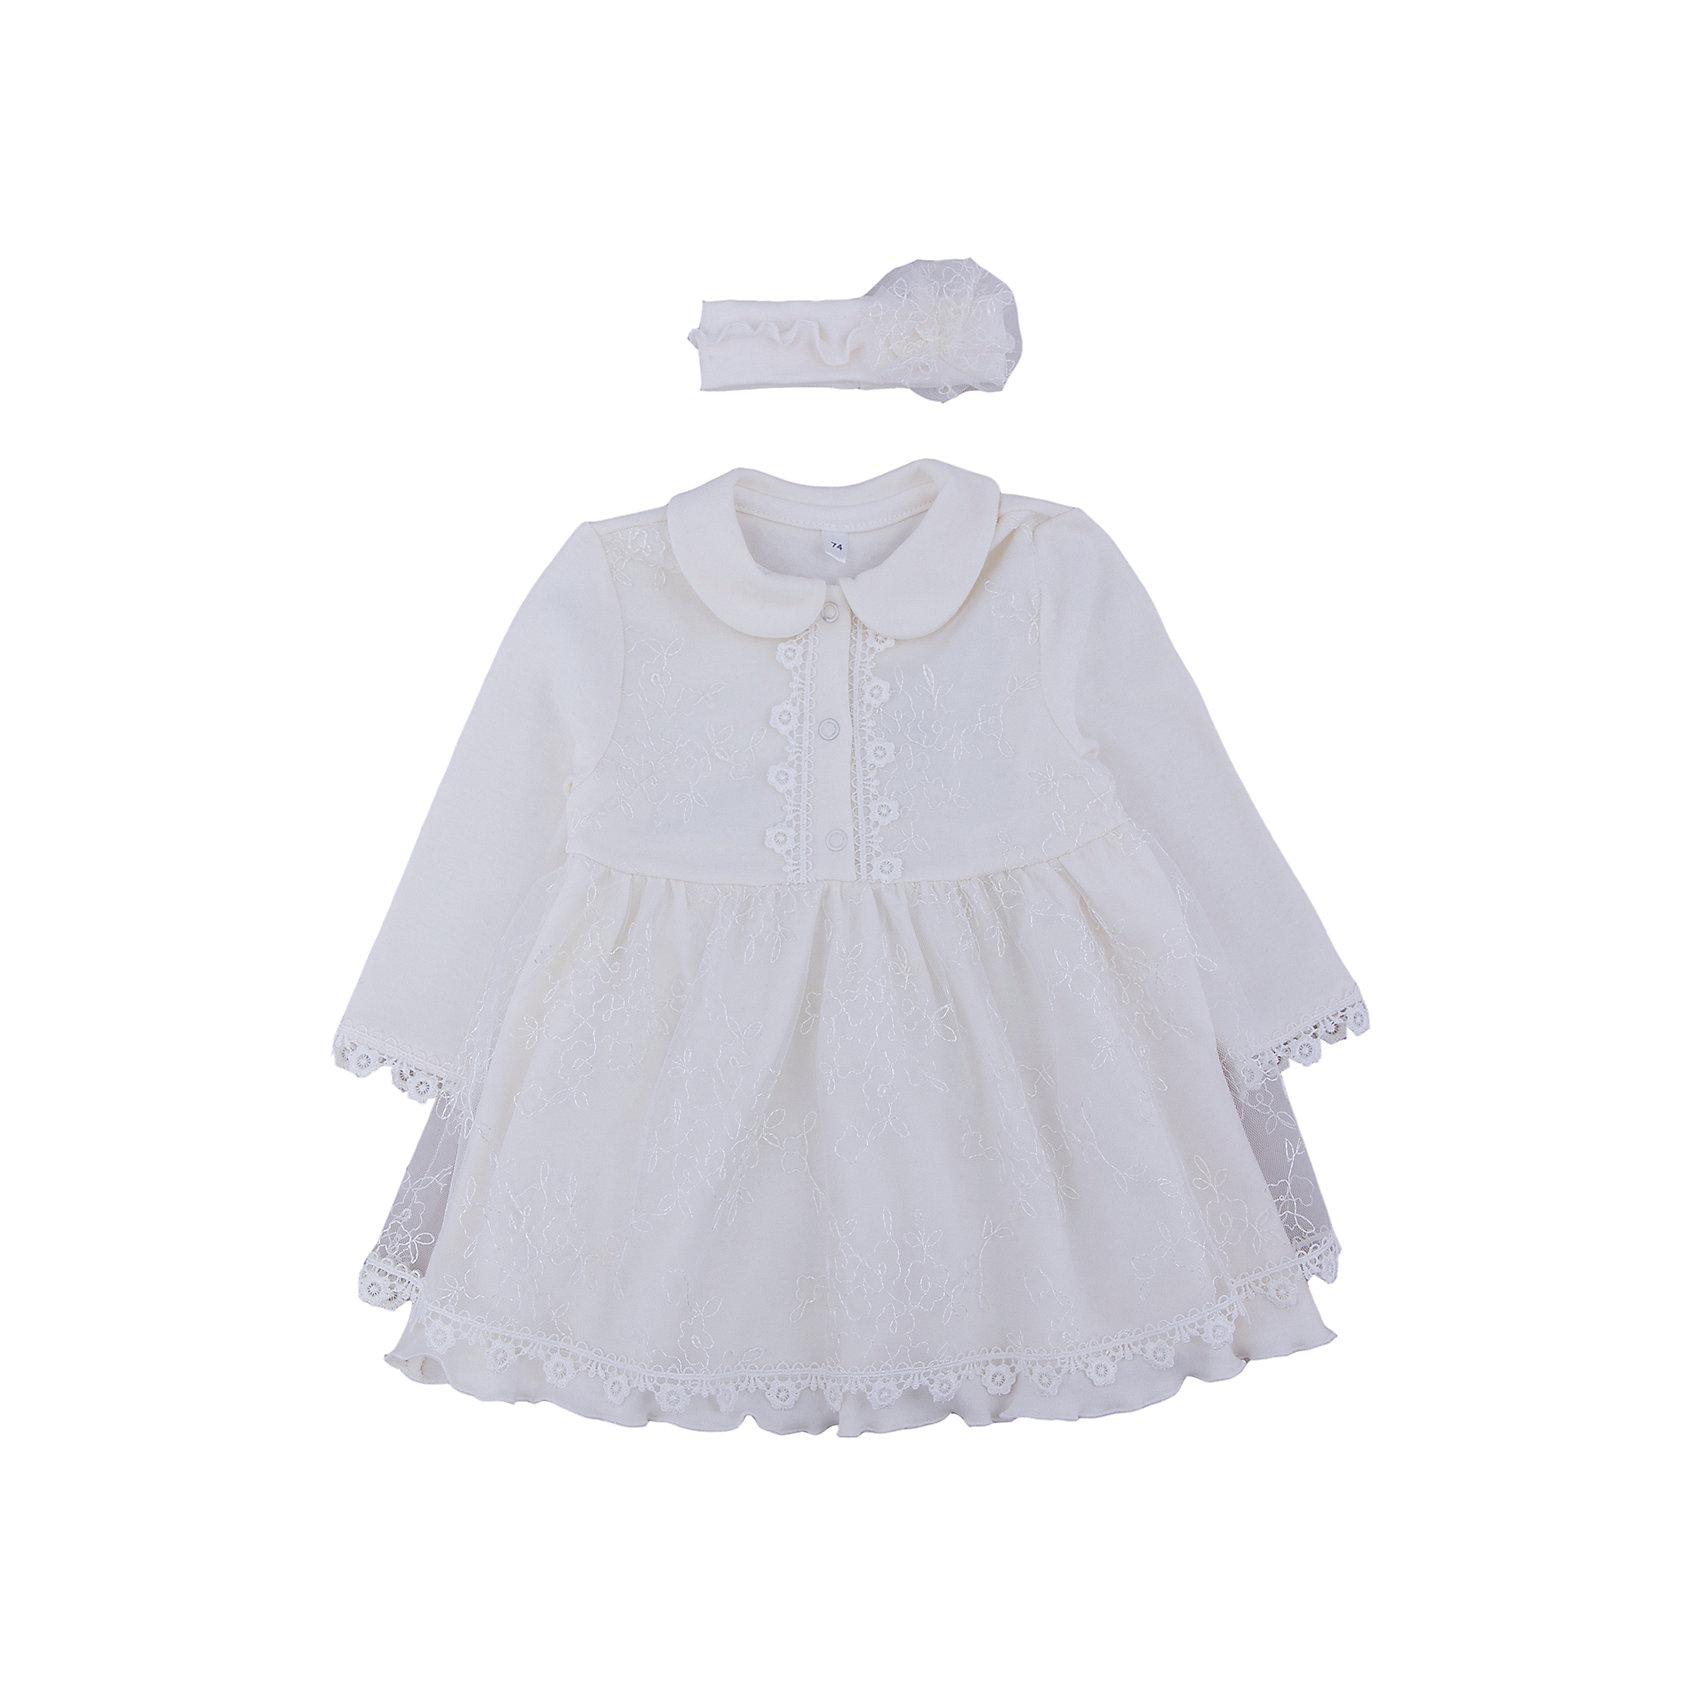 Комплект: платье и позязка на голову  для девочки Soni kidsКомплект: платье и позязка на голову   КОМПЛЕКТЫ НА ВЫПИСКУ  для девочки Soni kids <br>Состав: 100% хлопок<br><br>Ширина мм: 157<br>Глубина мм: 13<br>Высота мм: 119<br>Вес г: 200<br>Цвет: разноцветный<br>Возраст от месяцев: 6<br>Возраст до месяцев: 9<br>Пол: Женский<br>Возраст: Детский<br>Размер: 74<br>SKU: 4944798